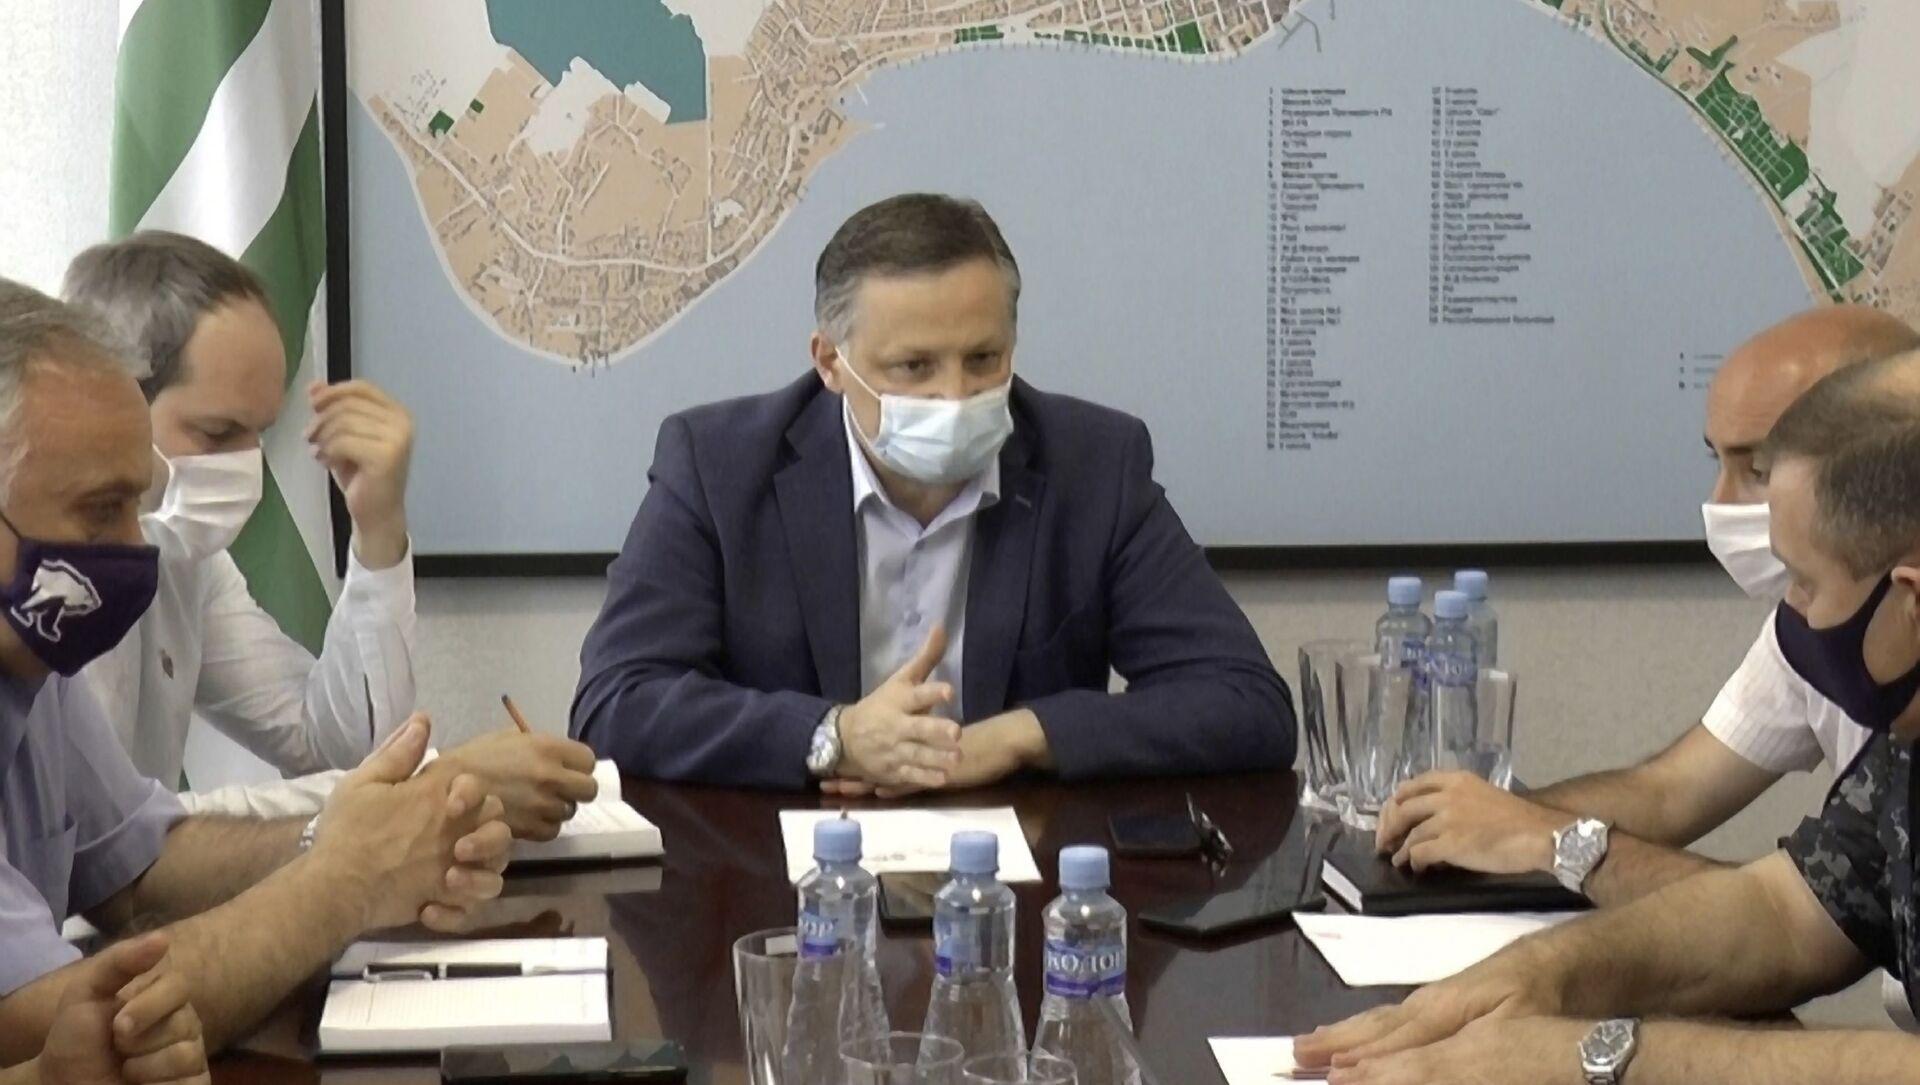 Мэр Сухума Беслан Эшба провел совещание в связи с неблагополучной ситуацией по коронавирусной инфекции.  - Sputnik Аҧсны, 1920, 08.10.2021